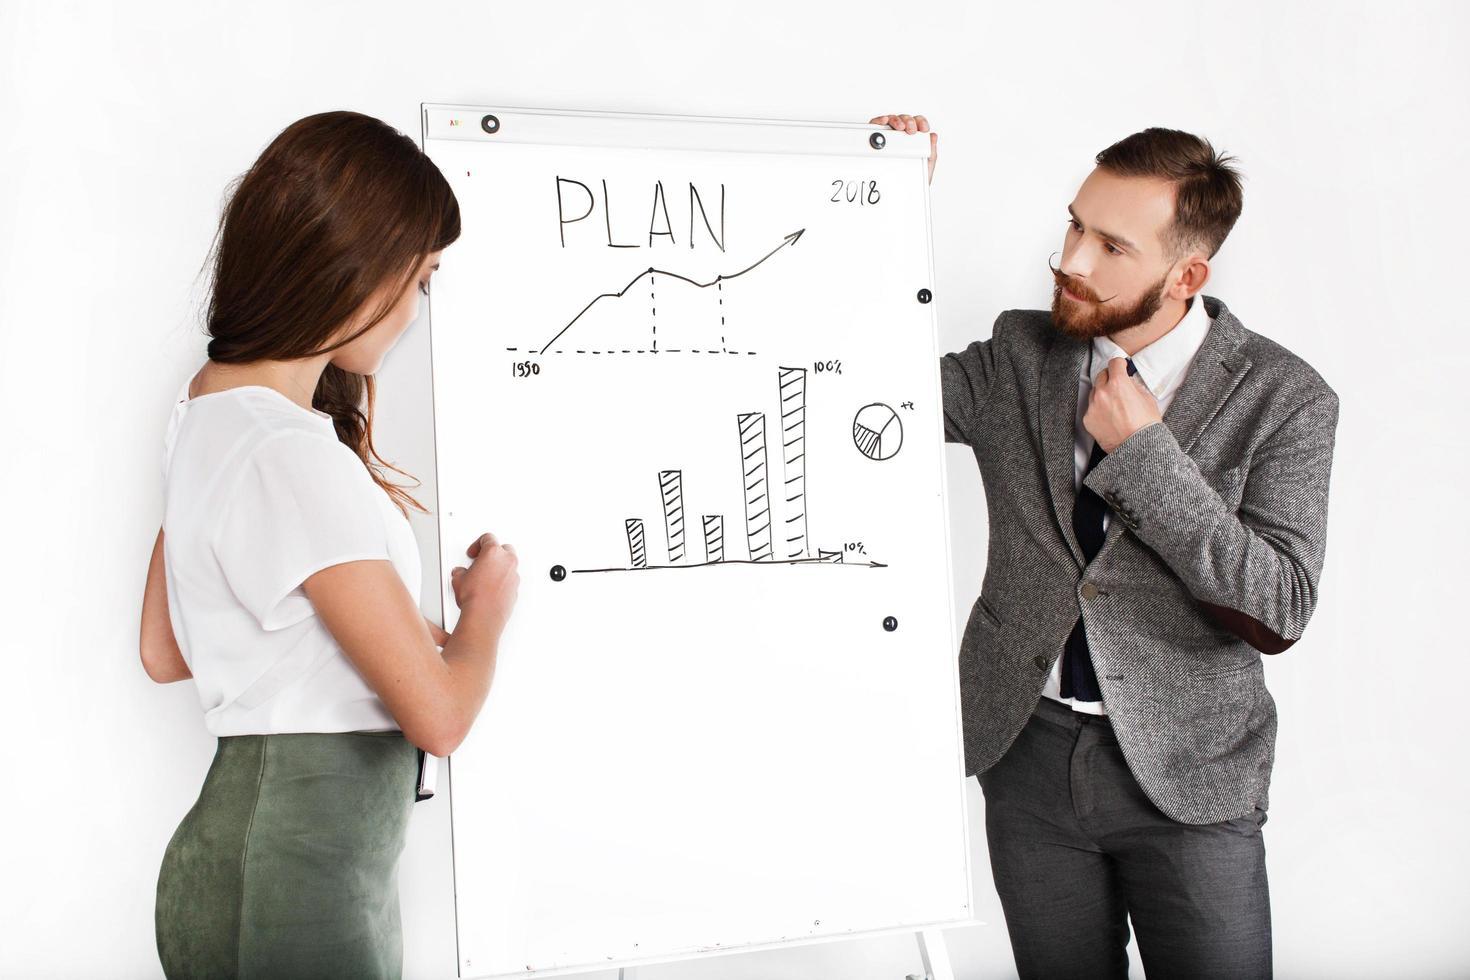 homme d & # 39; affaires et femme discutent graphique écrit sur tableau blanc photo